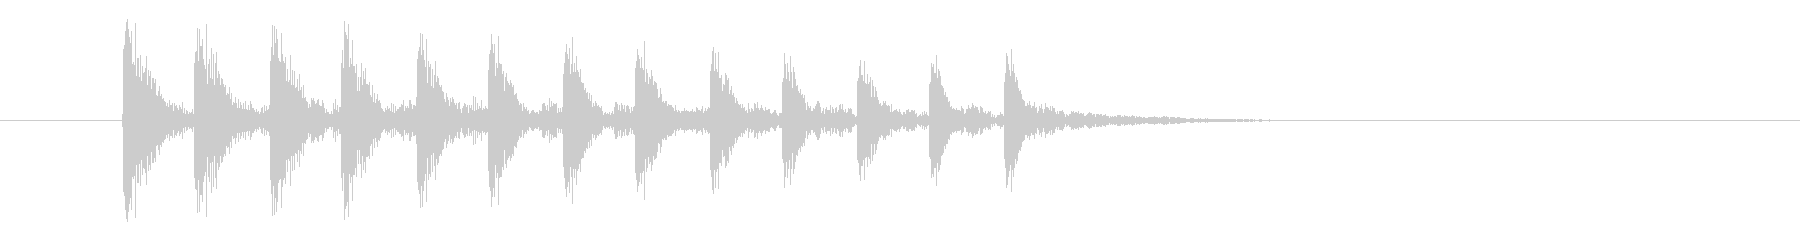 漫画木琴アセンド(高速)の未再生の波形